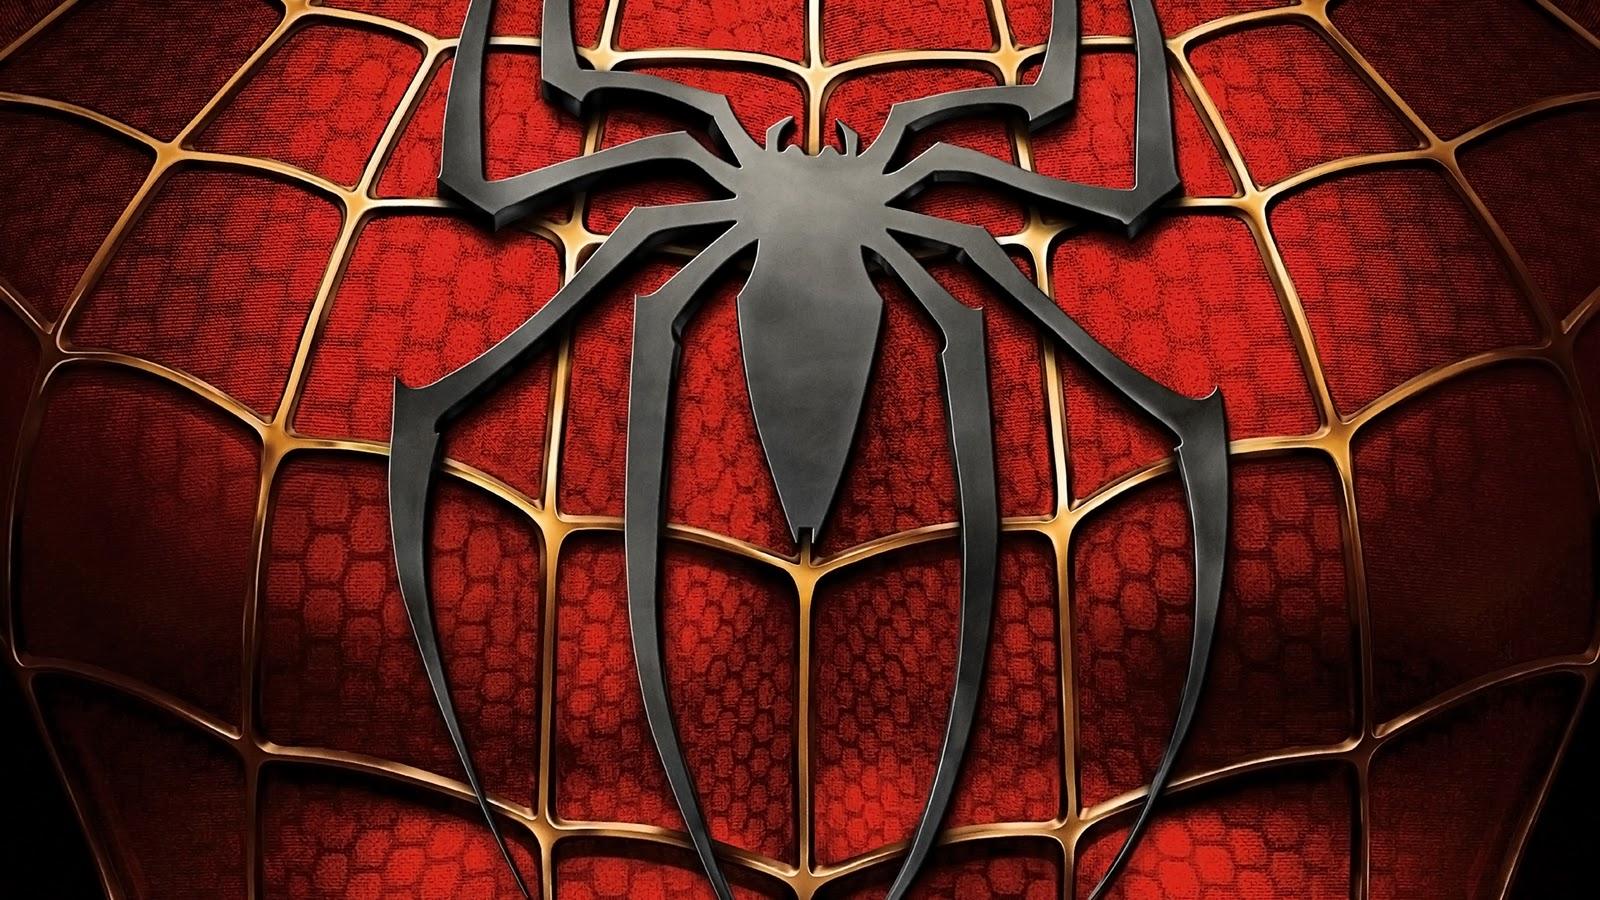 Amazing Spider Man Movie Logo